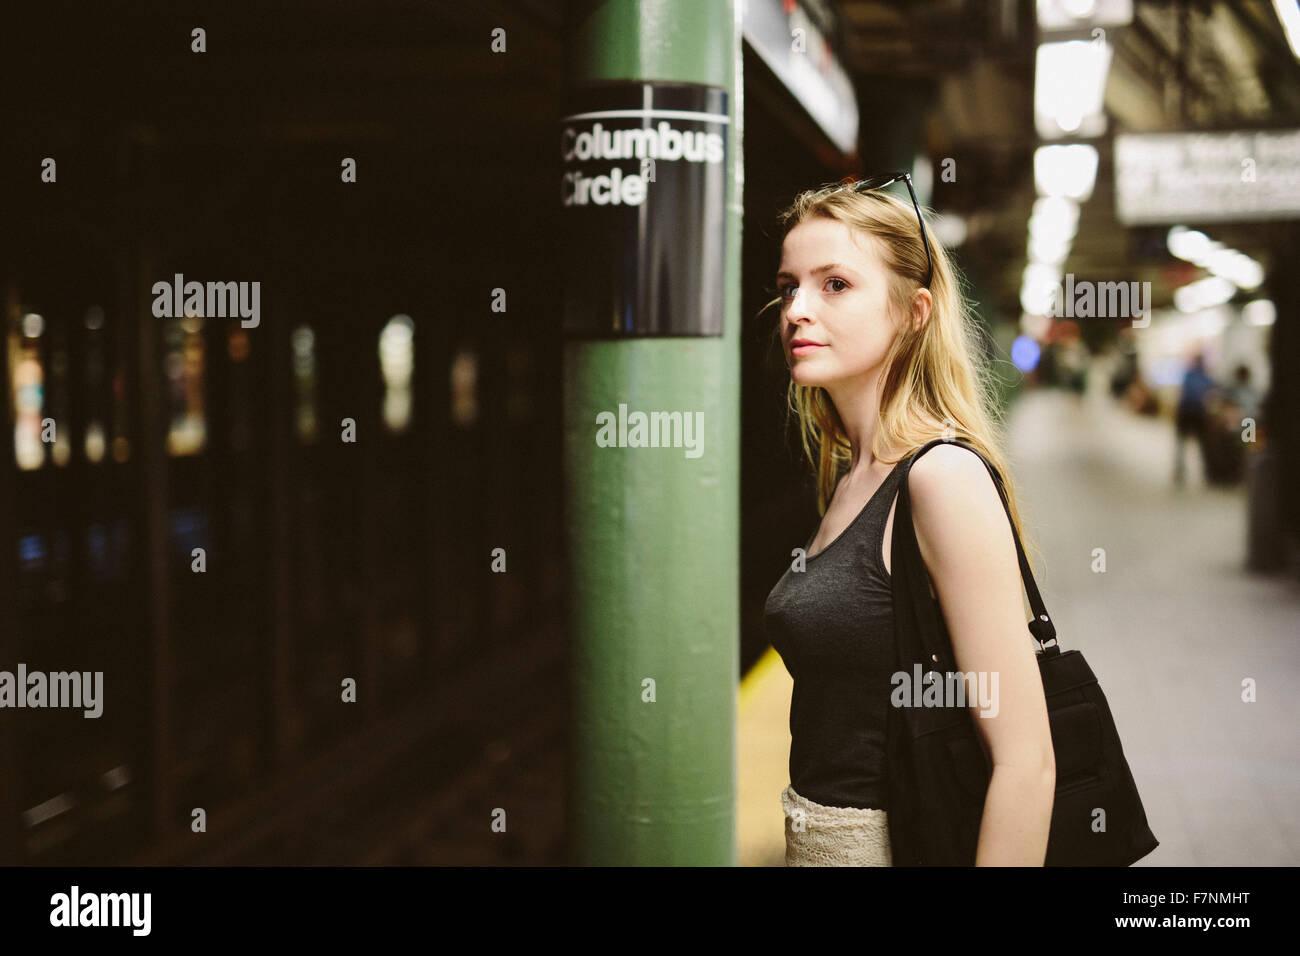 USA, New York City, jeune femme dans le métro à Manhattan Banque D'Images